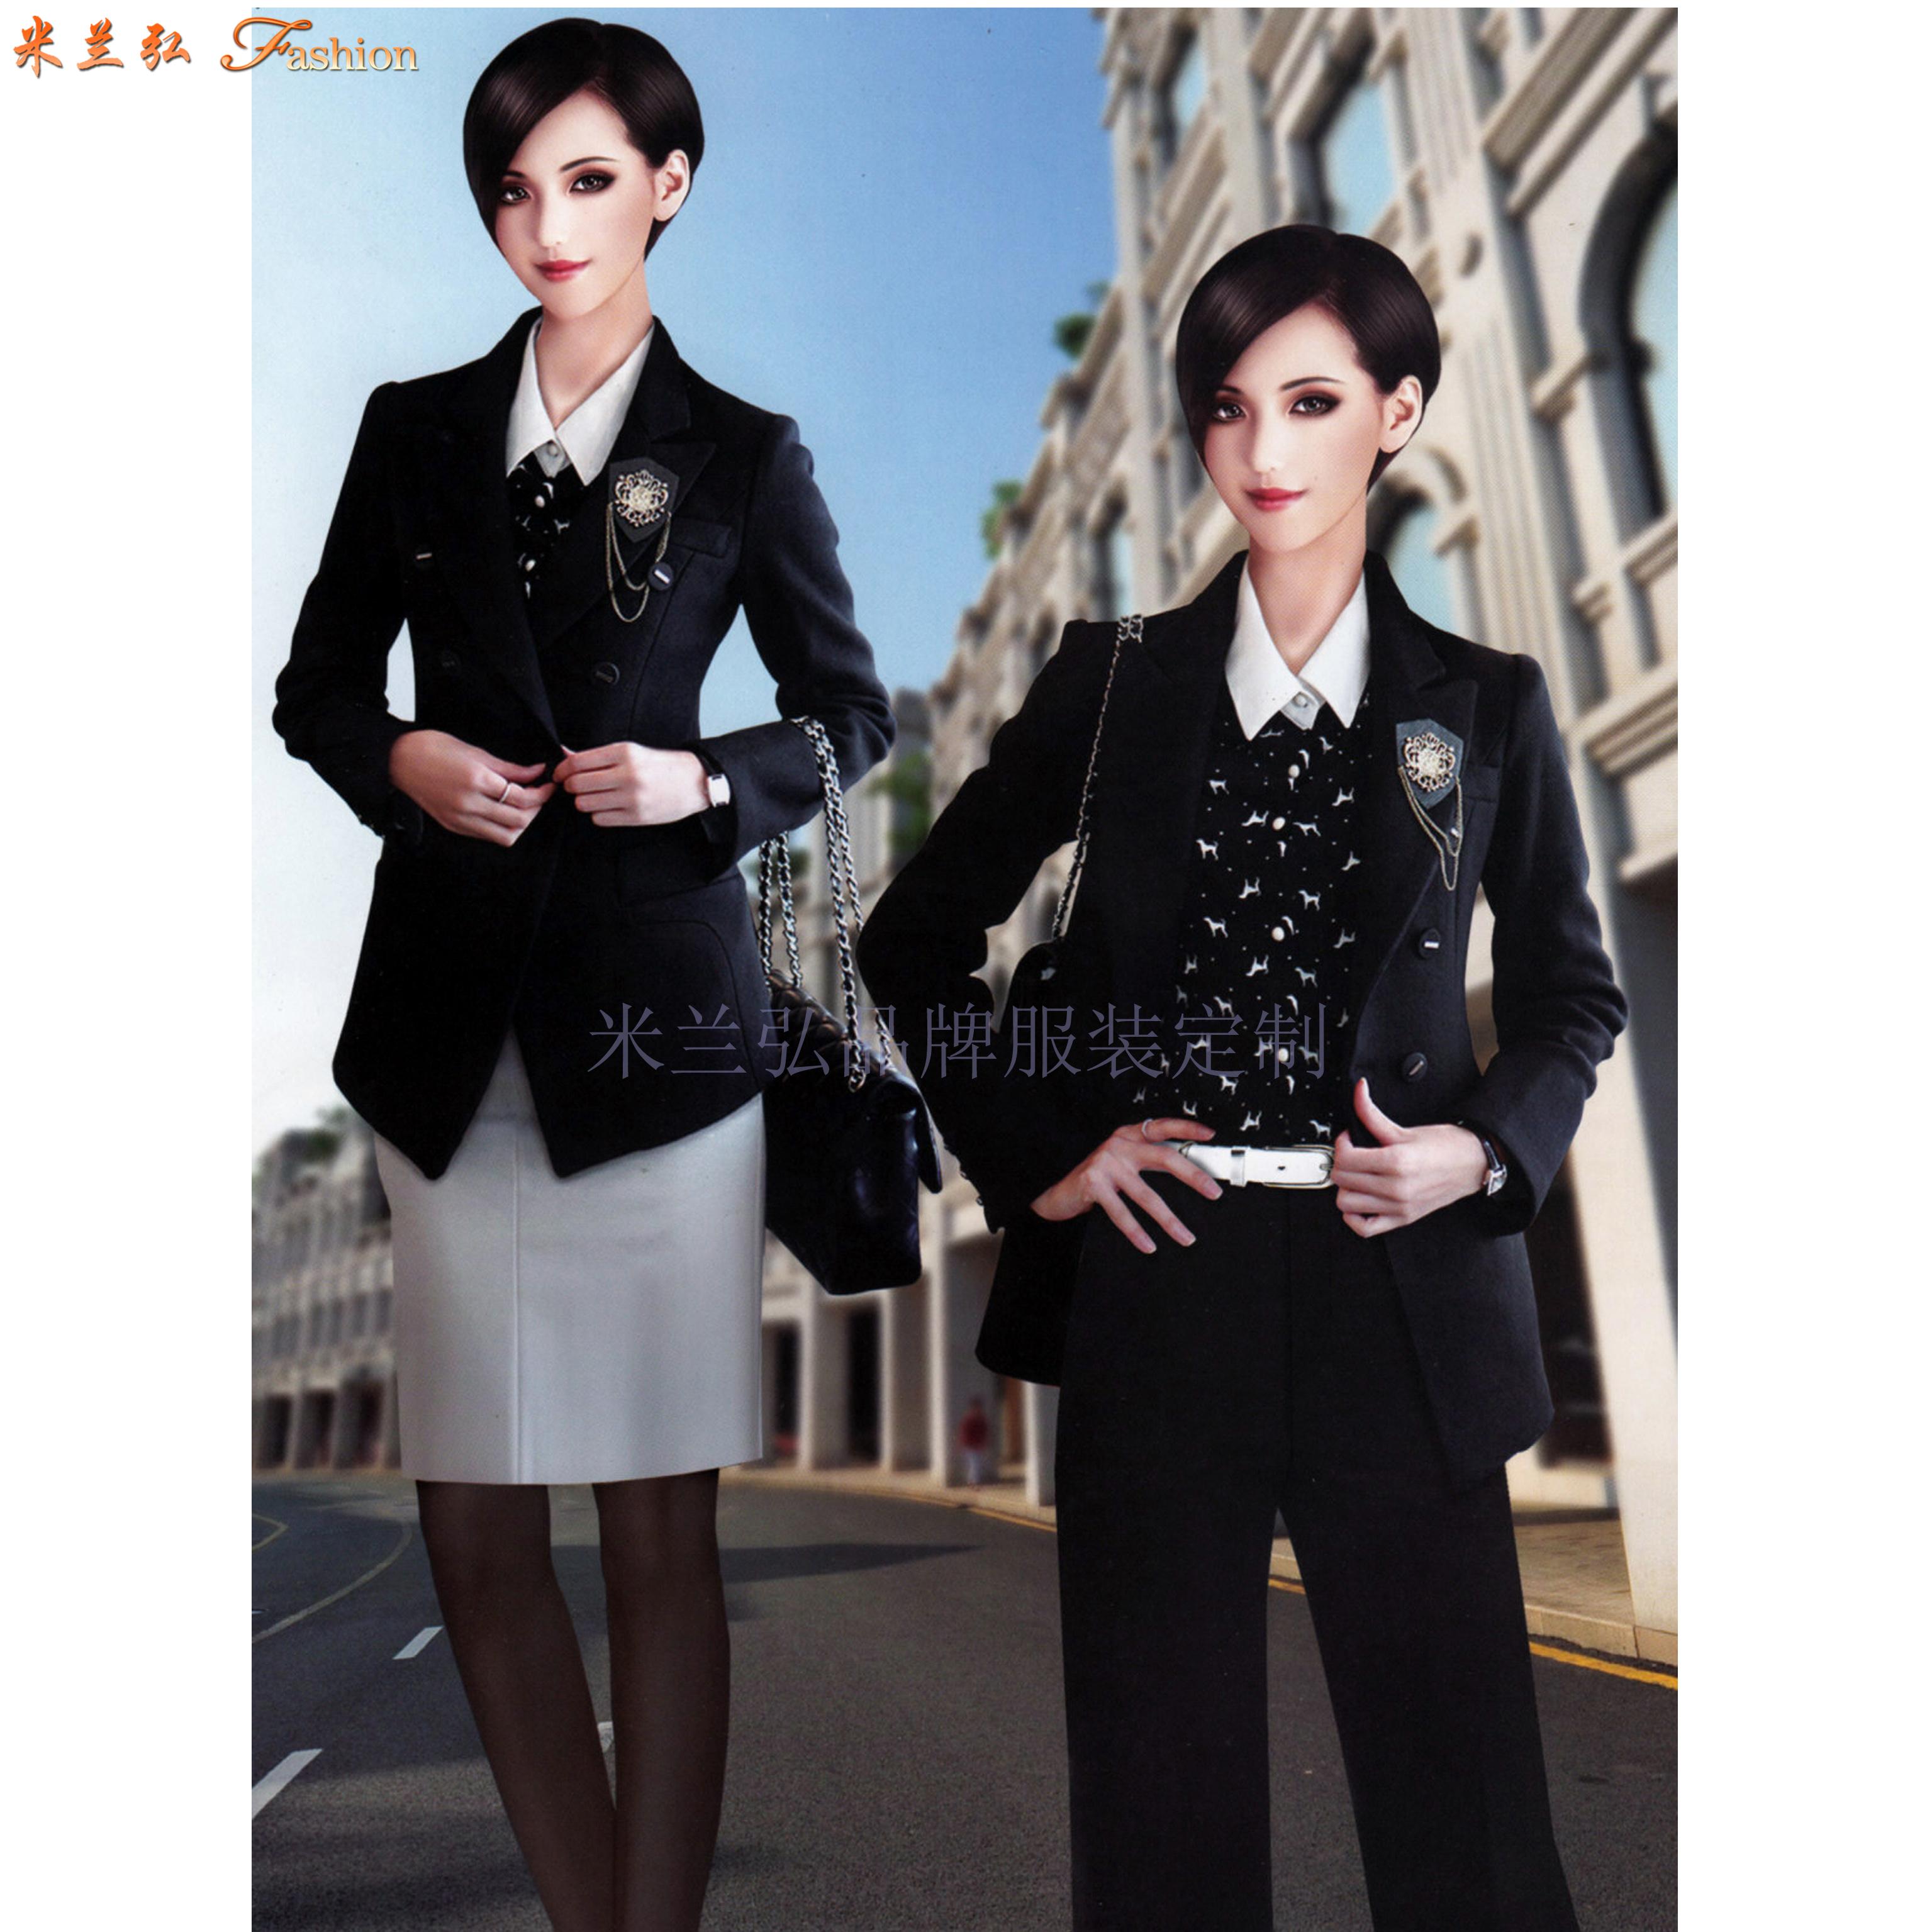 價格合理的職業裝定制-好看的女士職業裝圖片-米蘭弘服裝-3